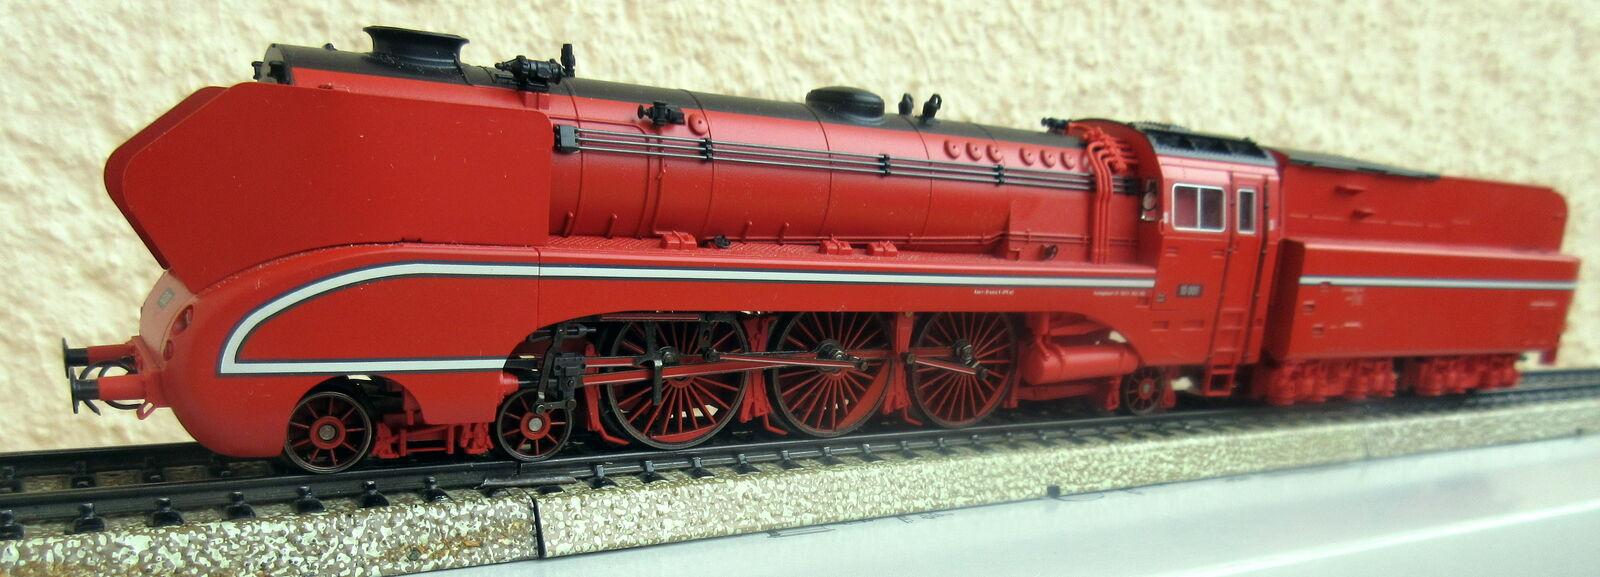 37082 h0 Digital Vapore Locomotiva Br 10 Insider mattoncini + inutilizzato Ovp Top